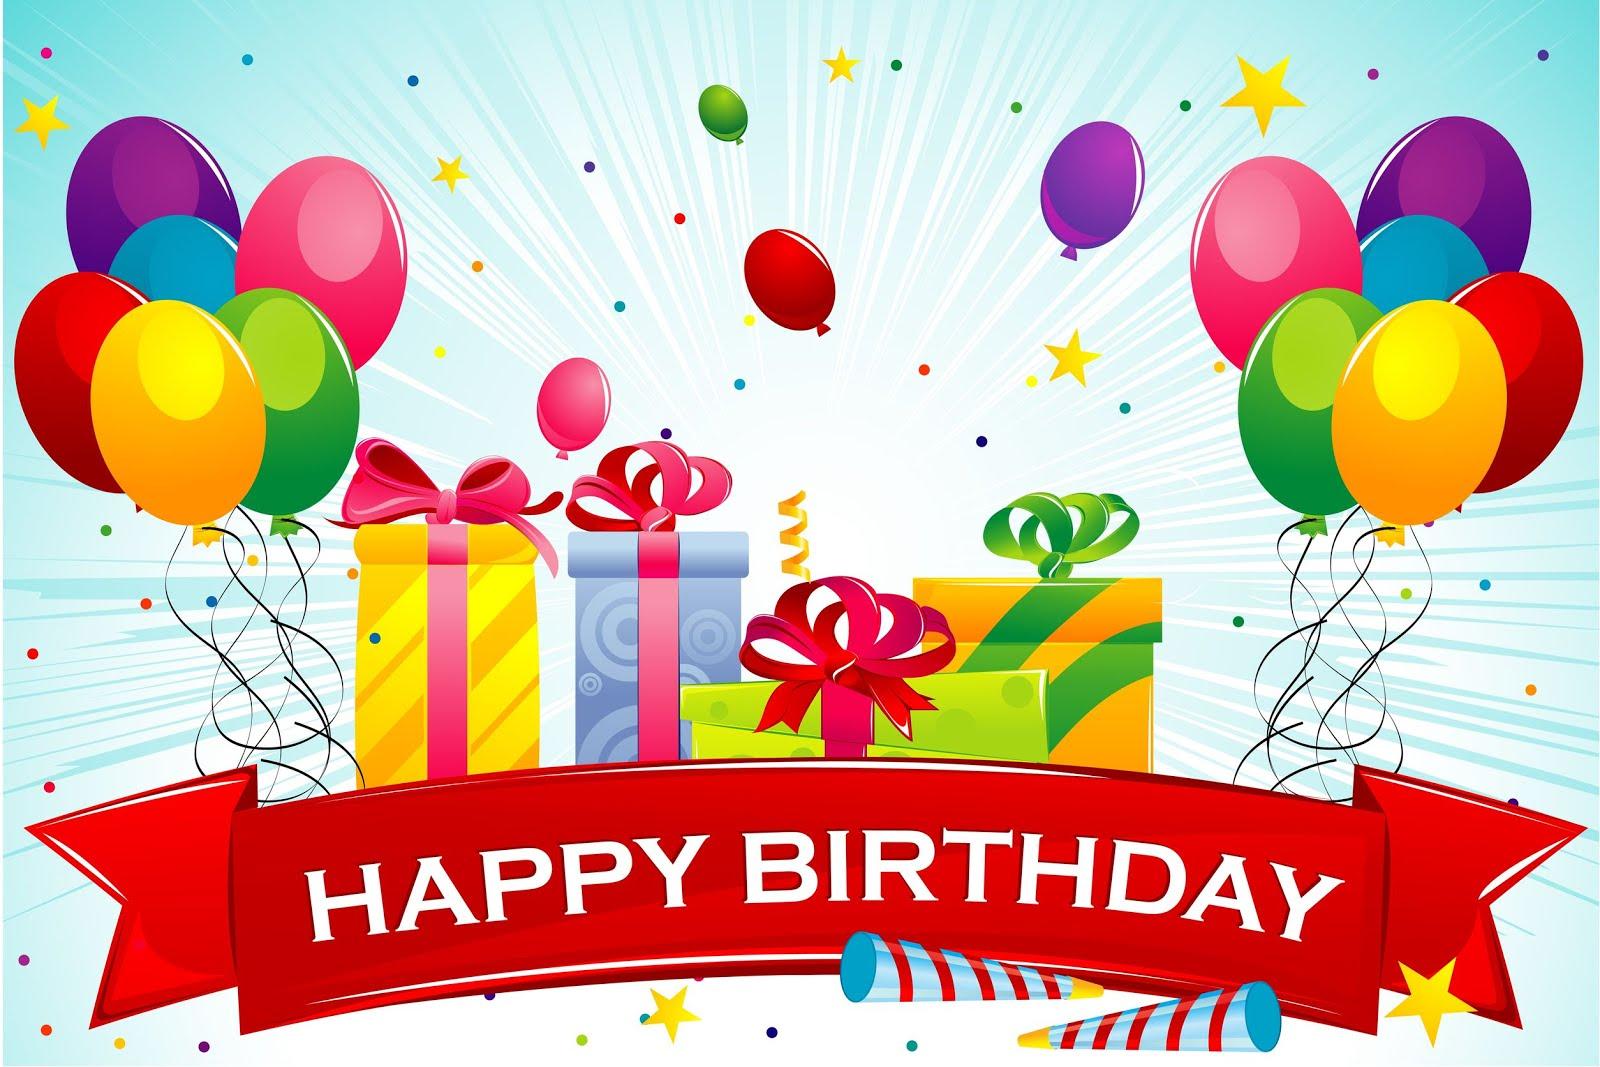 fetons les anniversaires - Page 6 176271_original